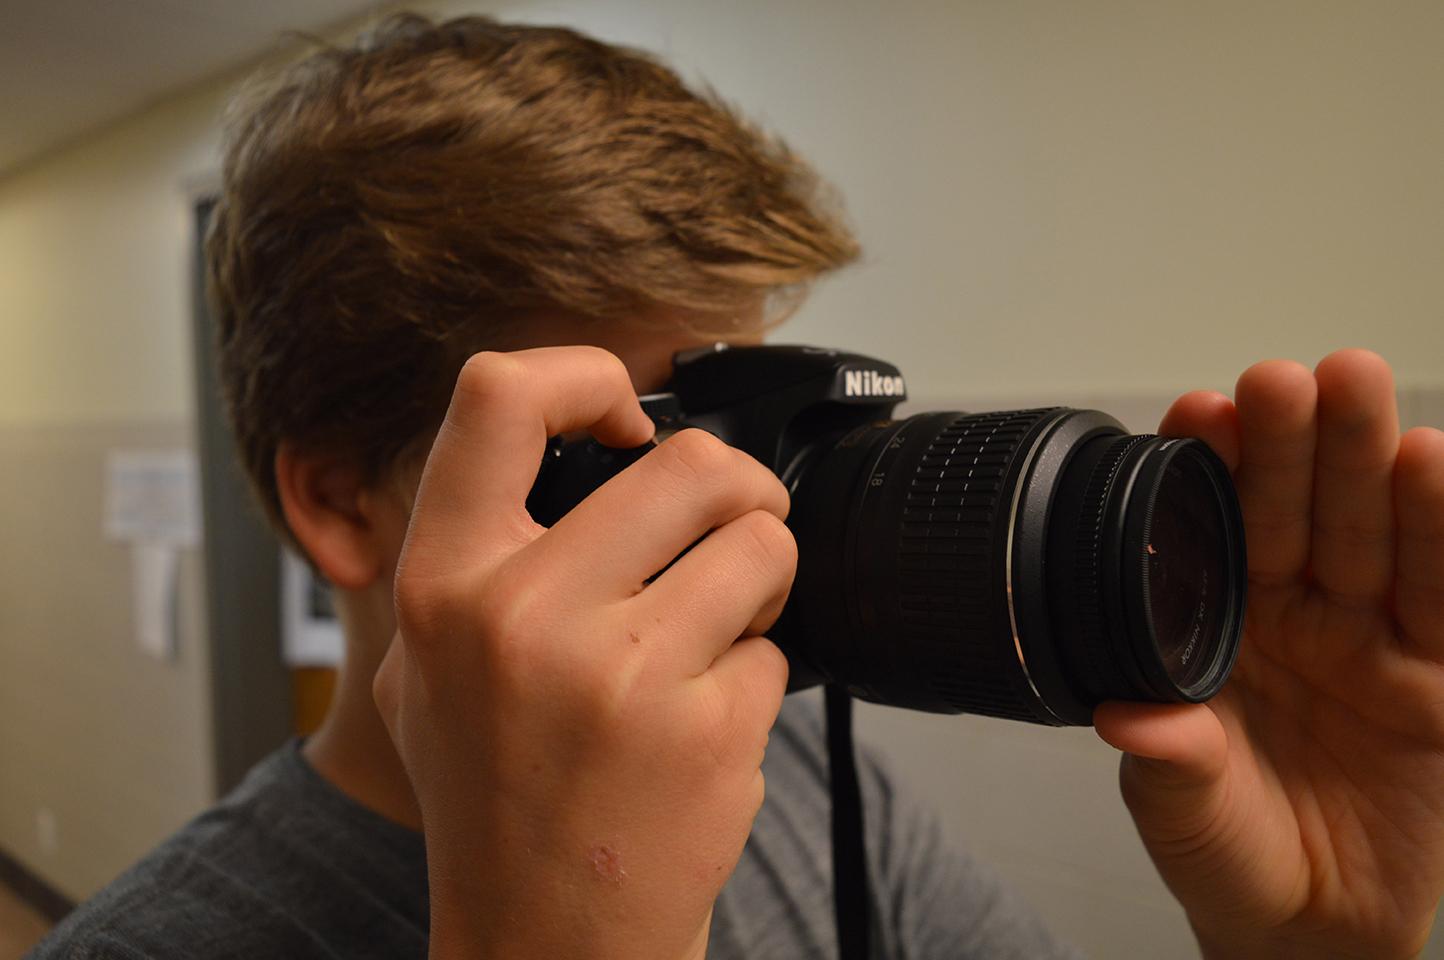 digital slr cameras 1s.jpg